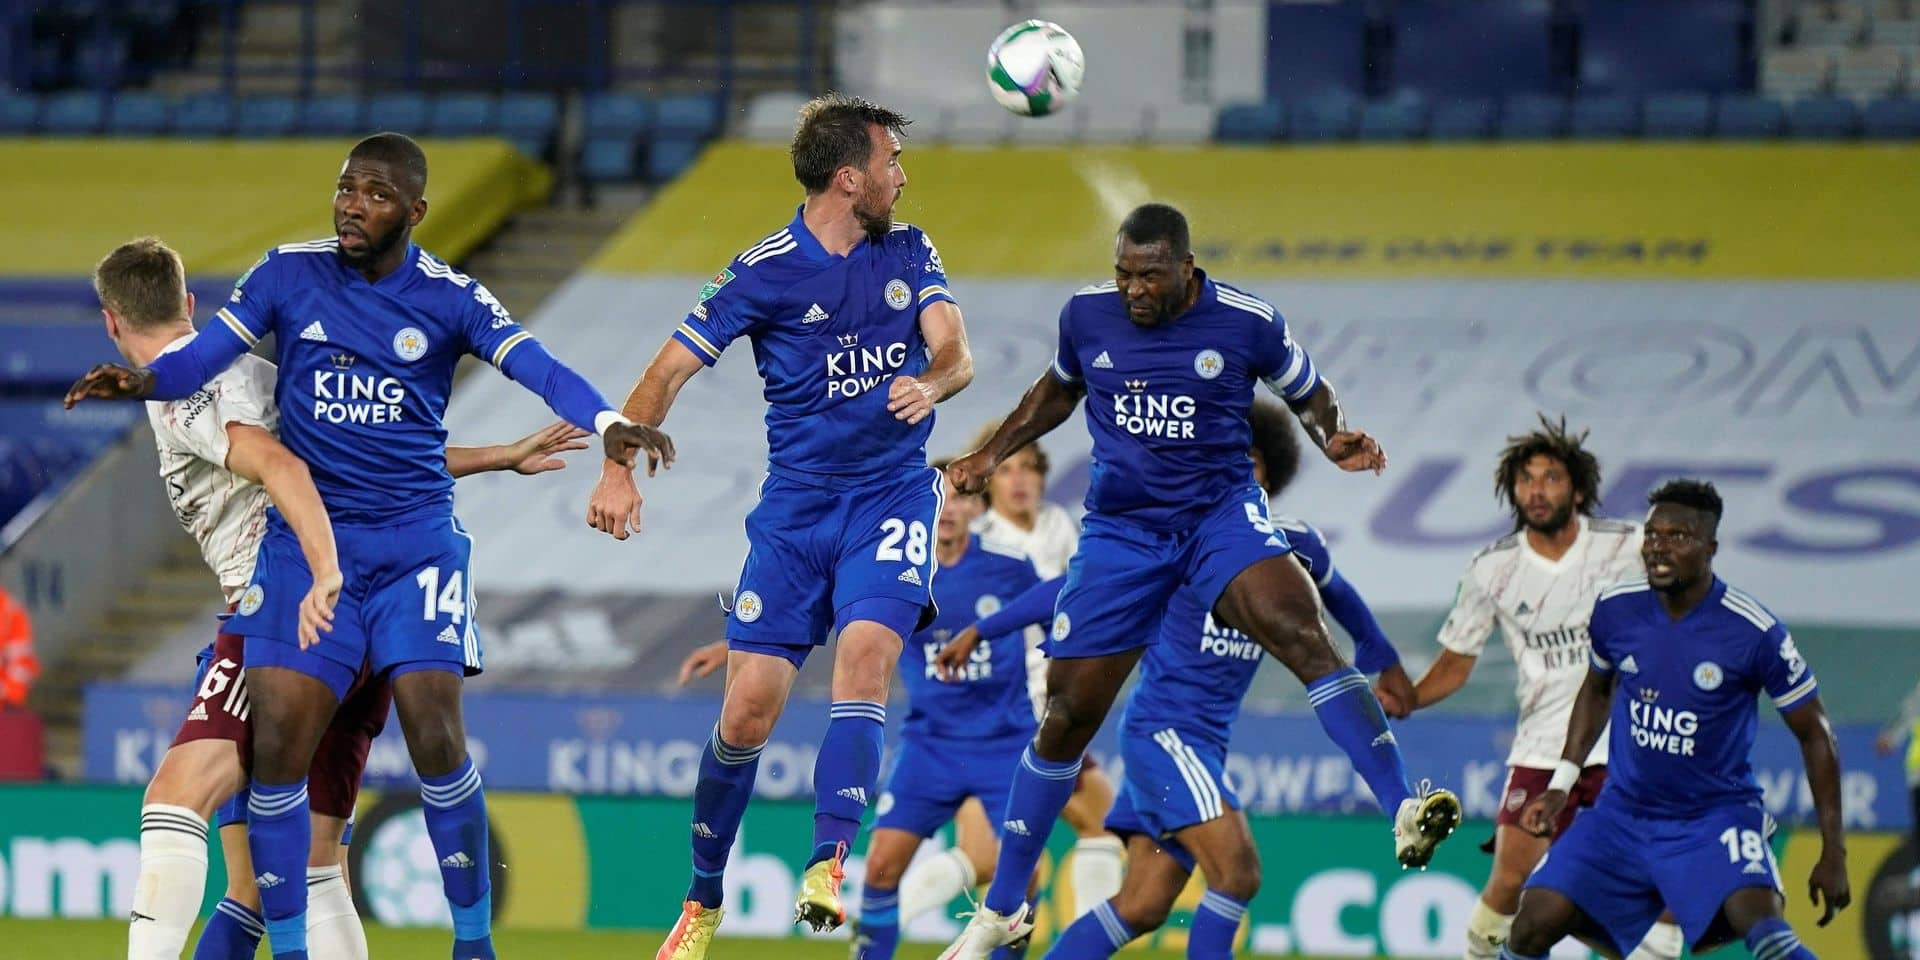 Les Belges à l'étranger: Leicester, avec Praet mais sans Tielemans et Castagne, éliminé en Coupe de la Ligue